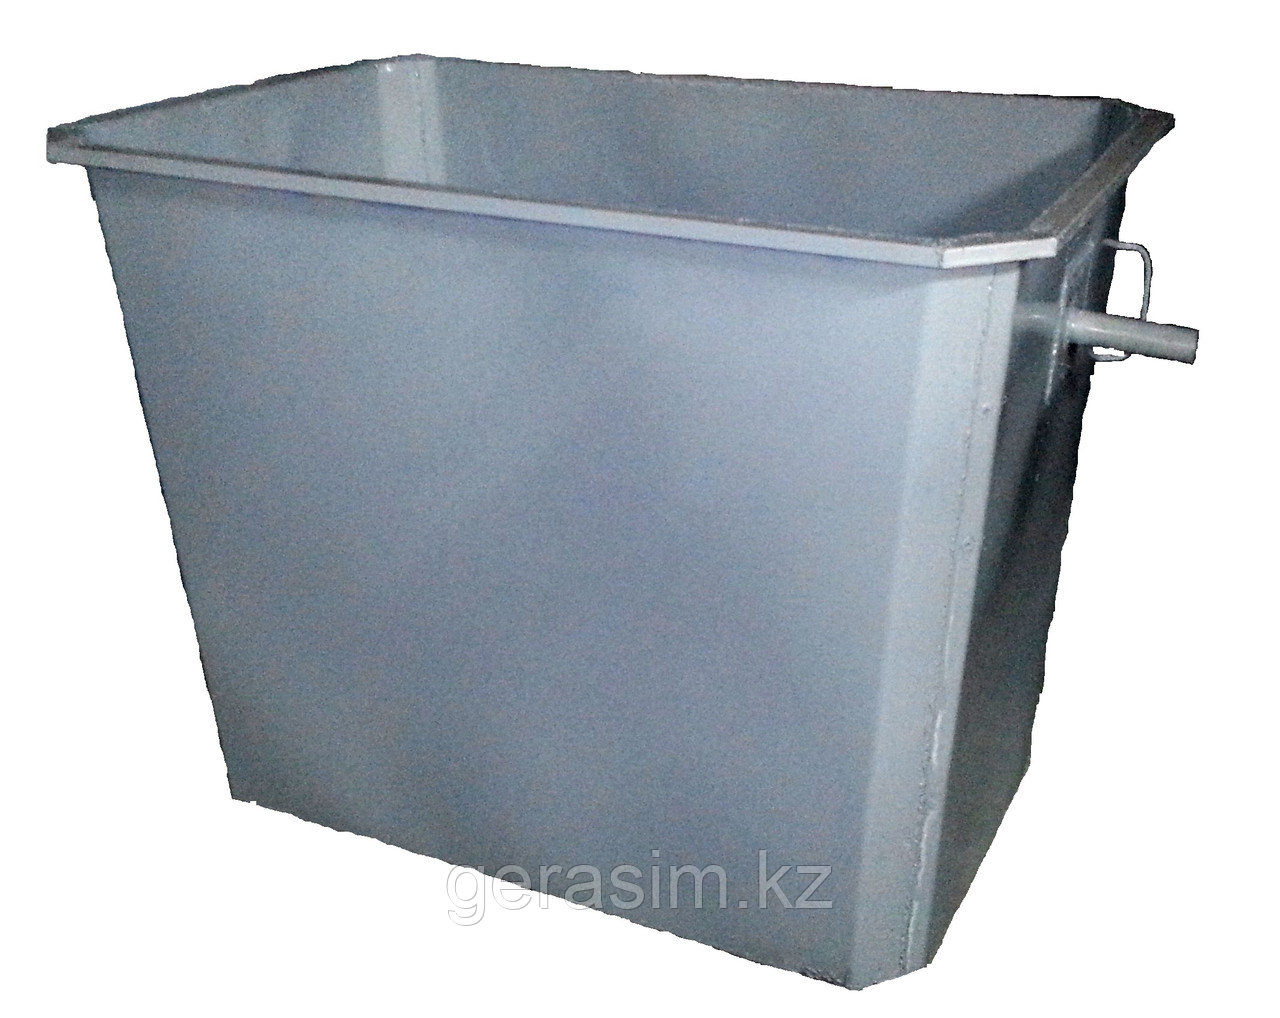 Контейнеры для мусора,баки  1,1 куб в т.ч. НДС